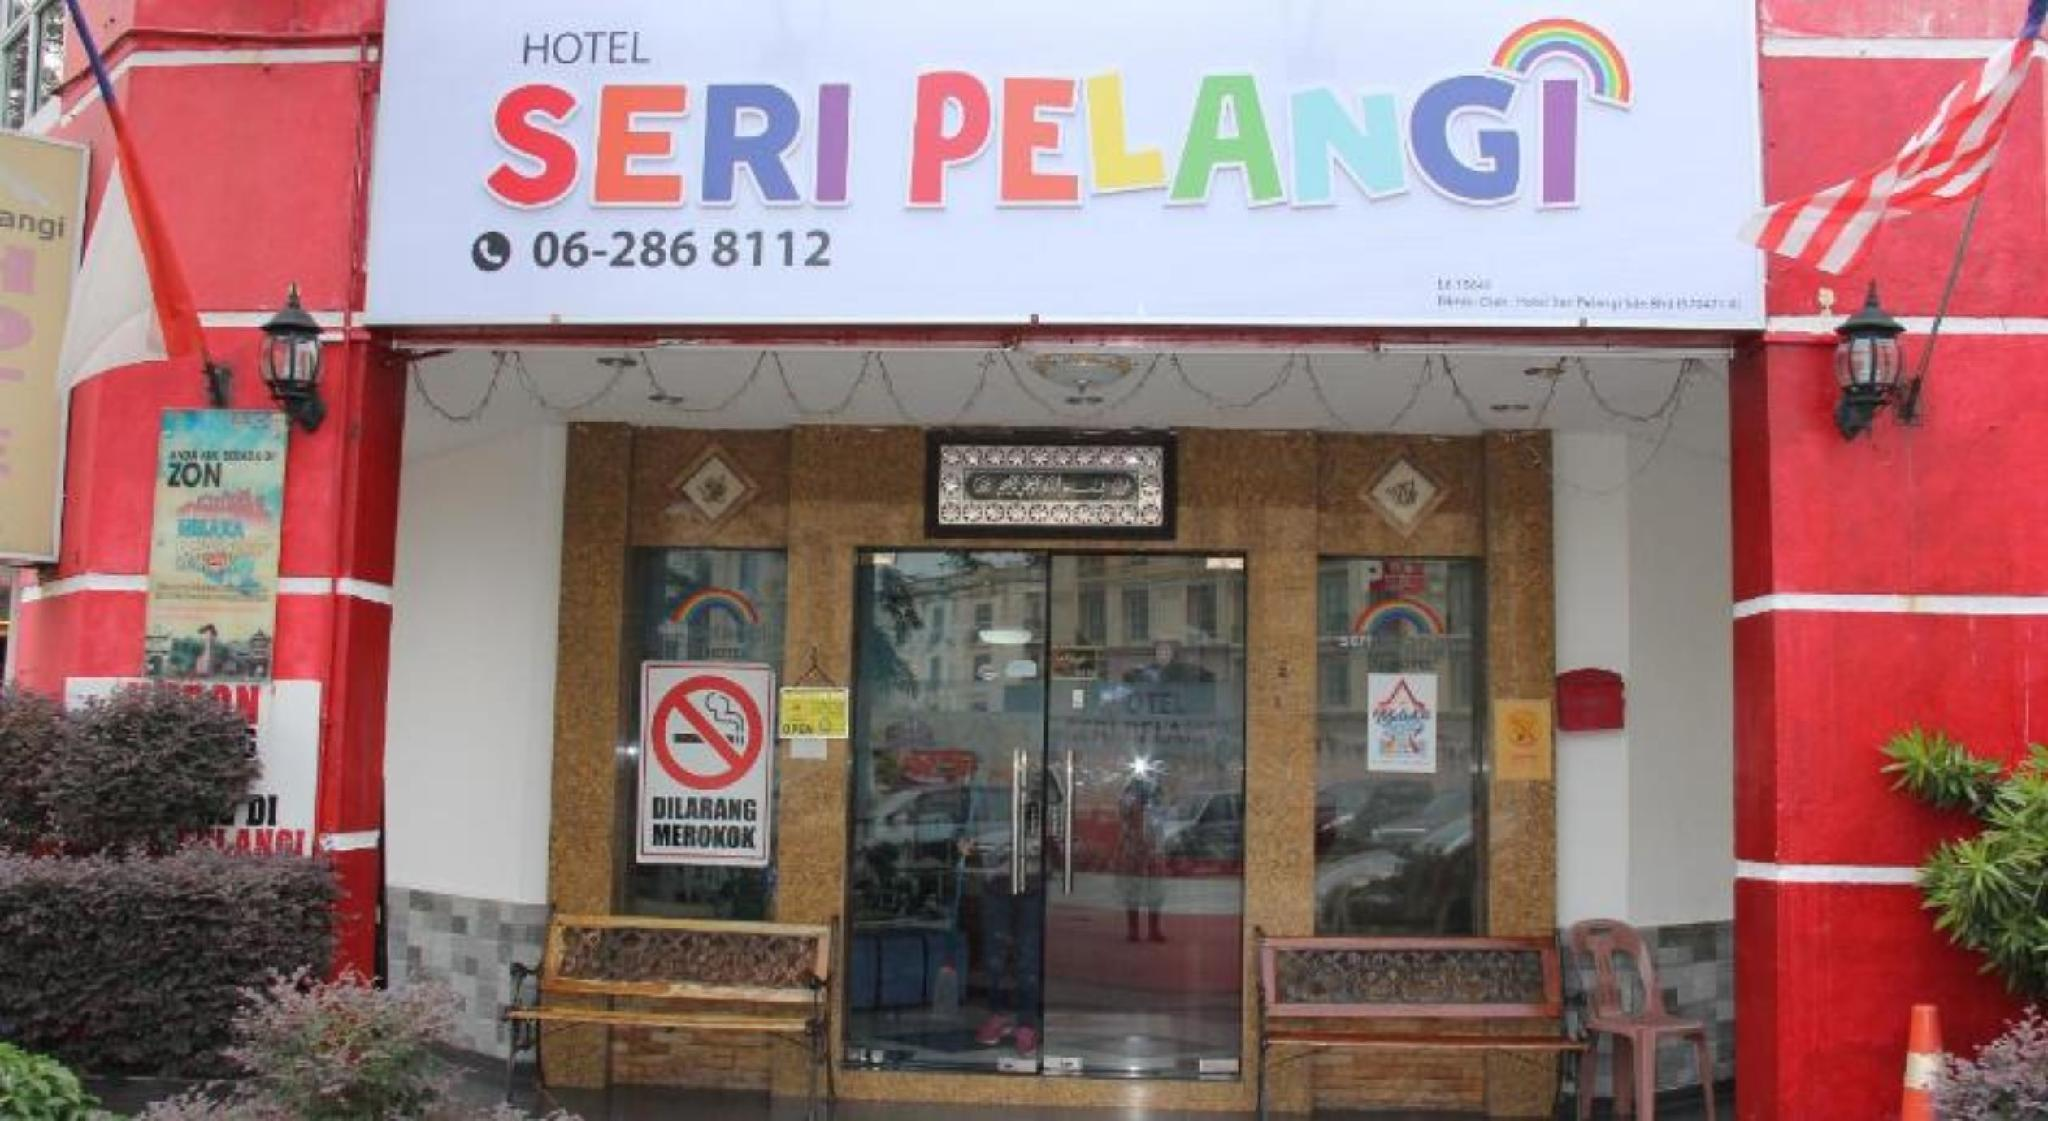 Hotel Seri Pelangi